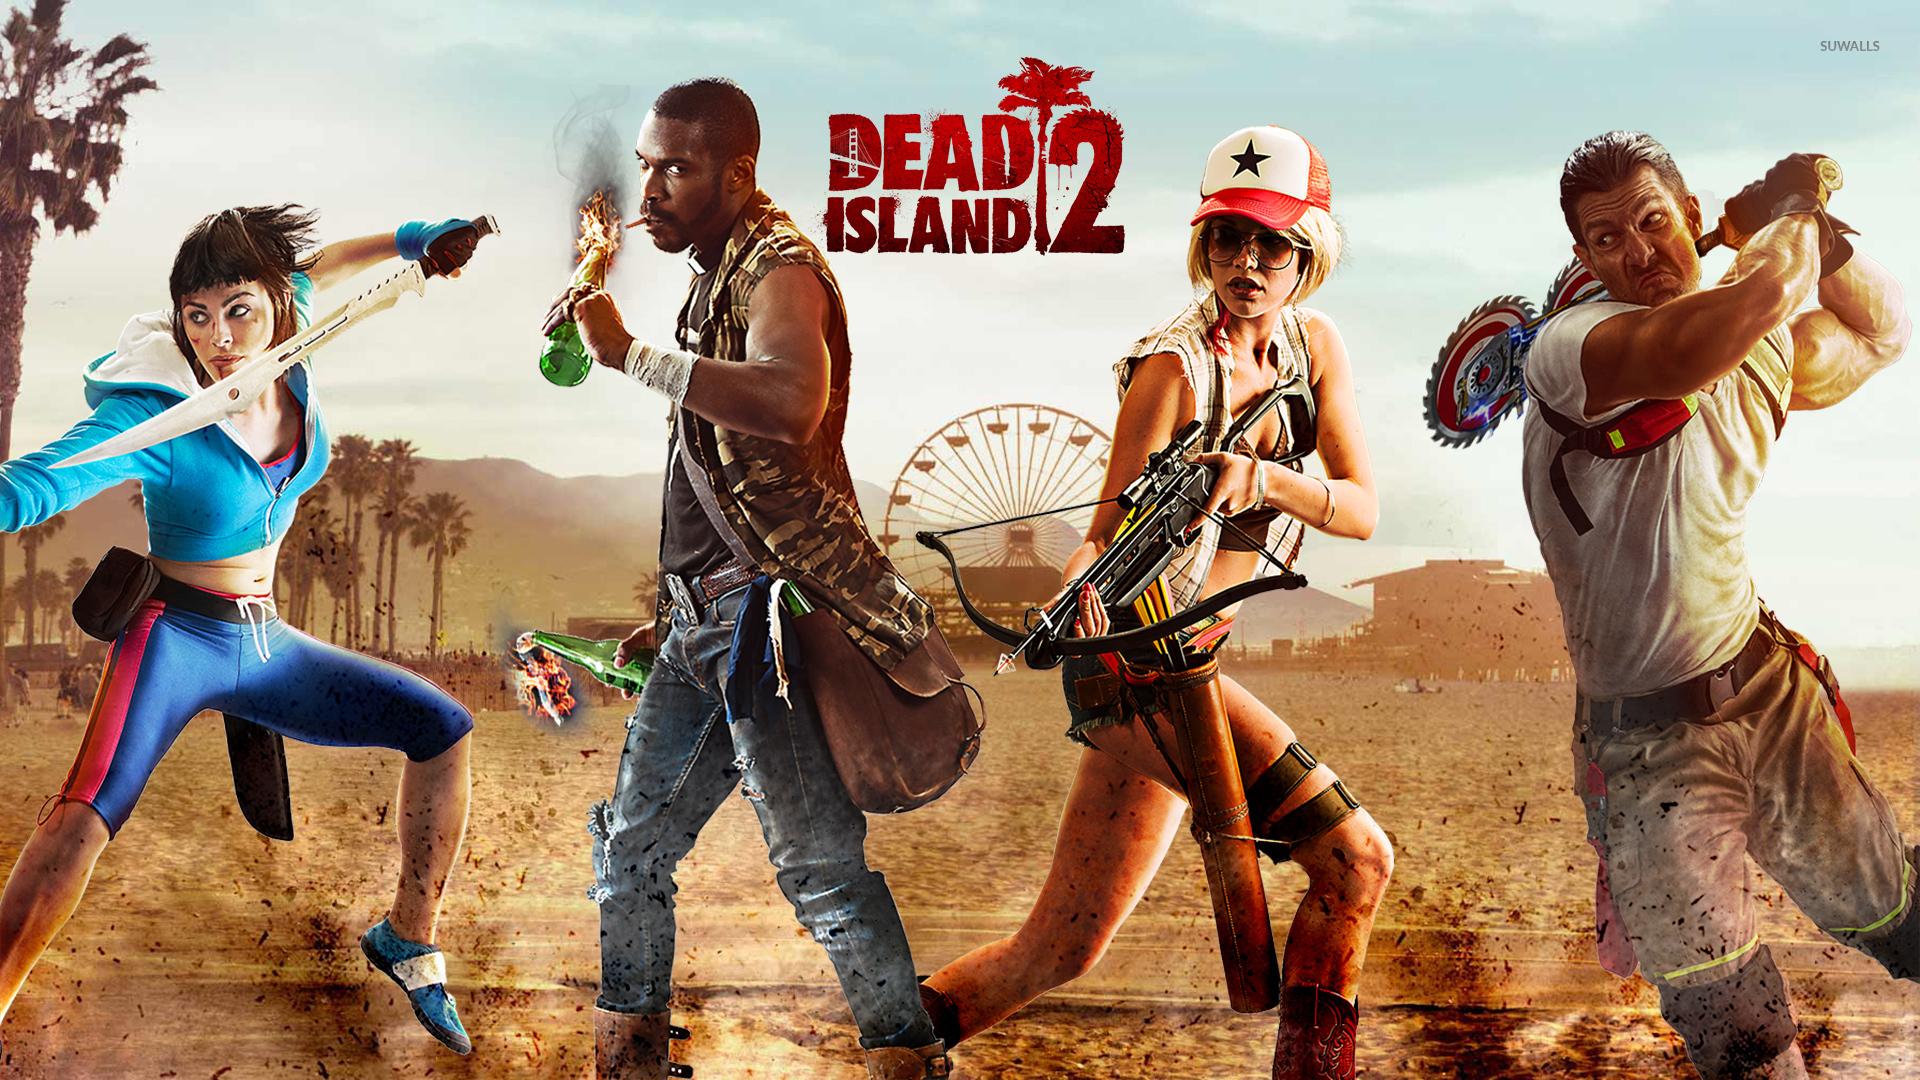 Dead Island 2 Wallpaper